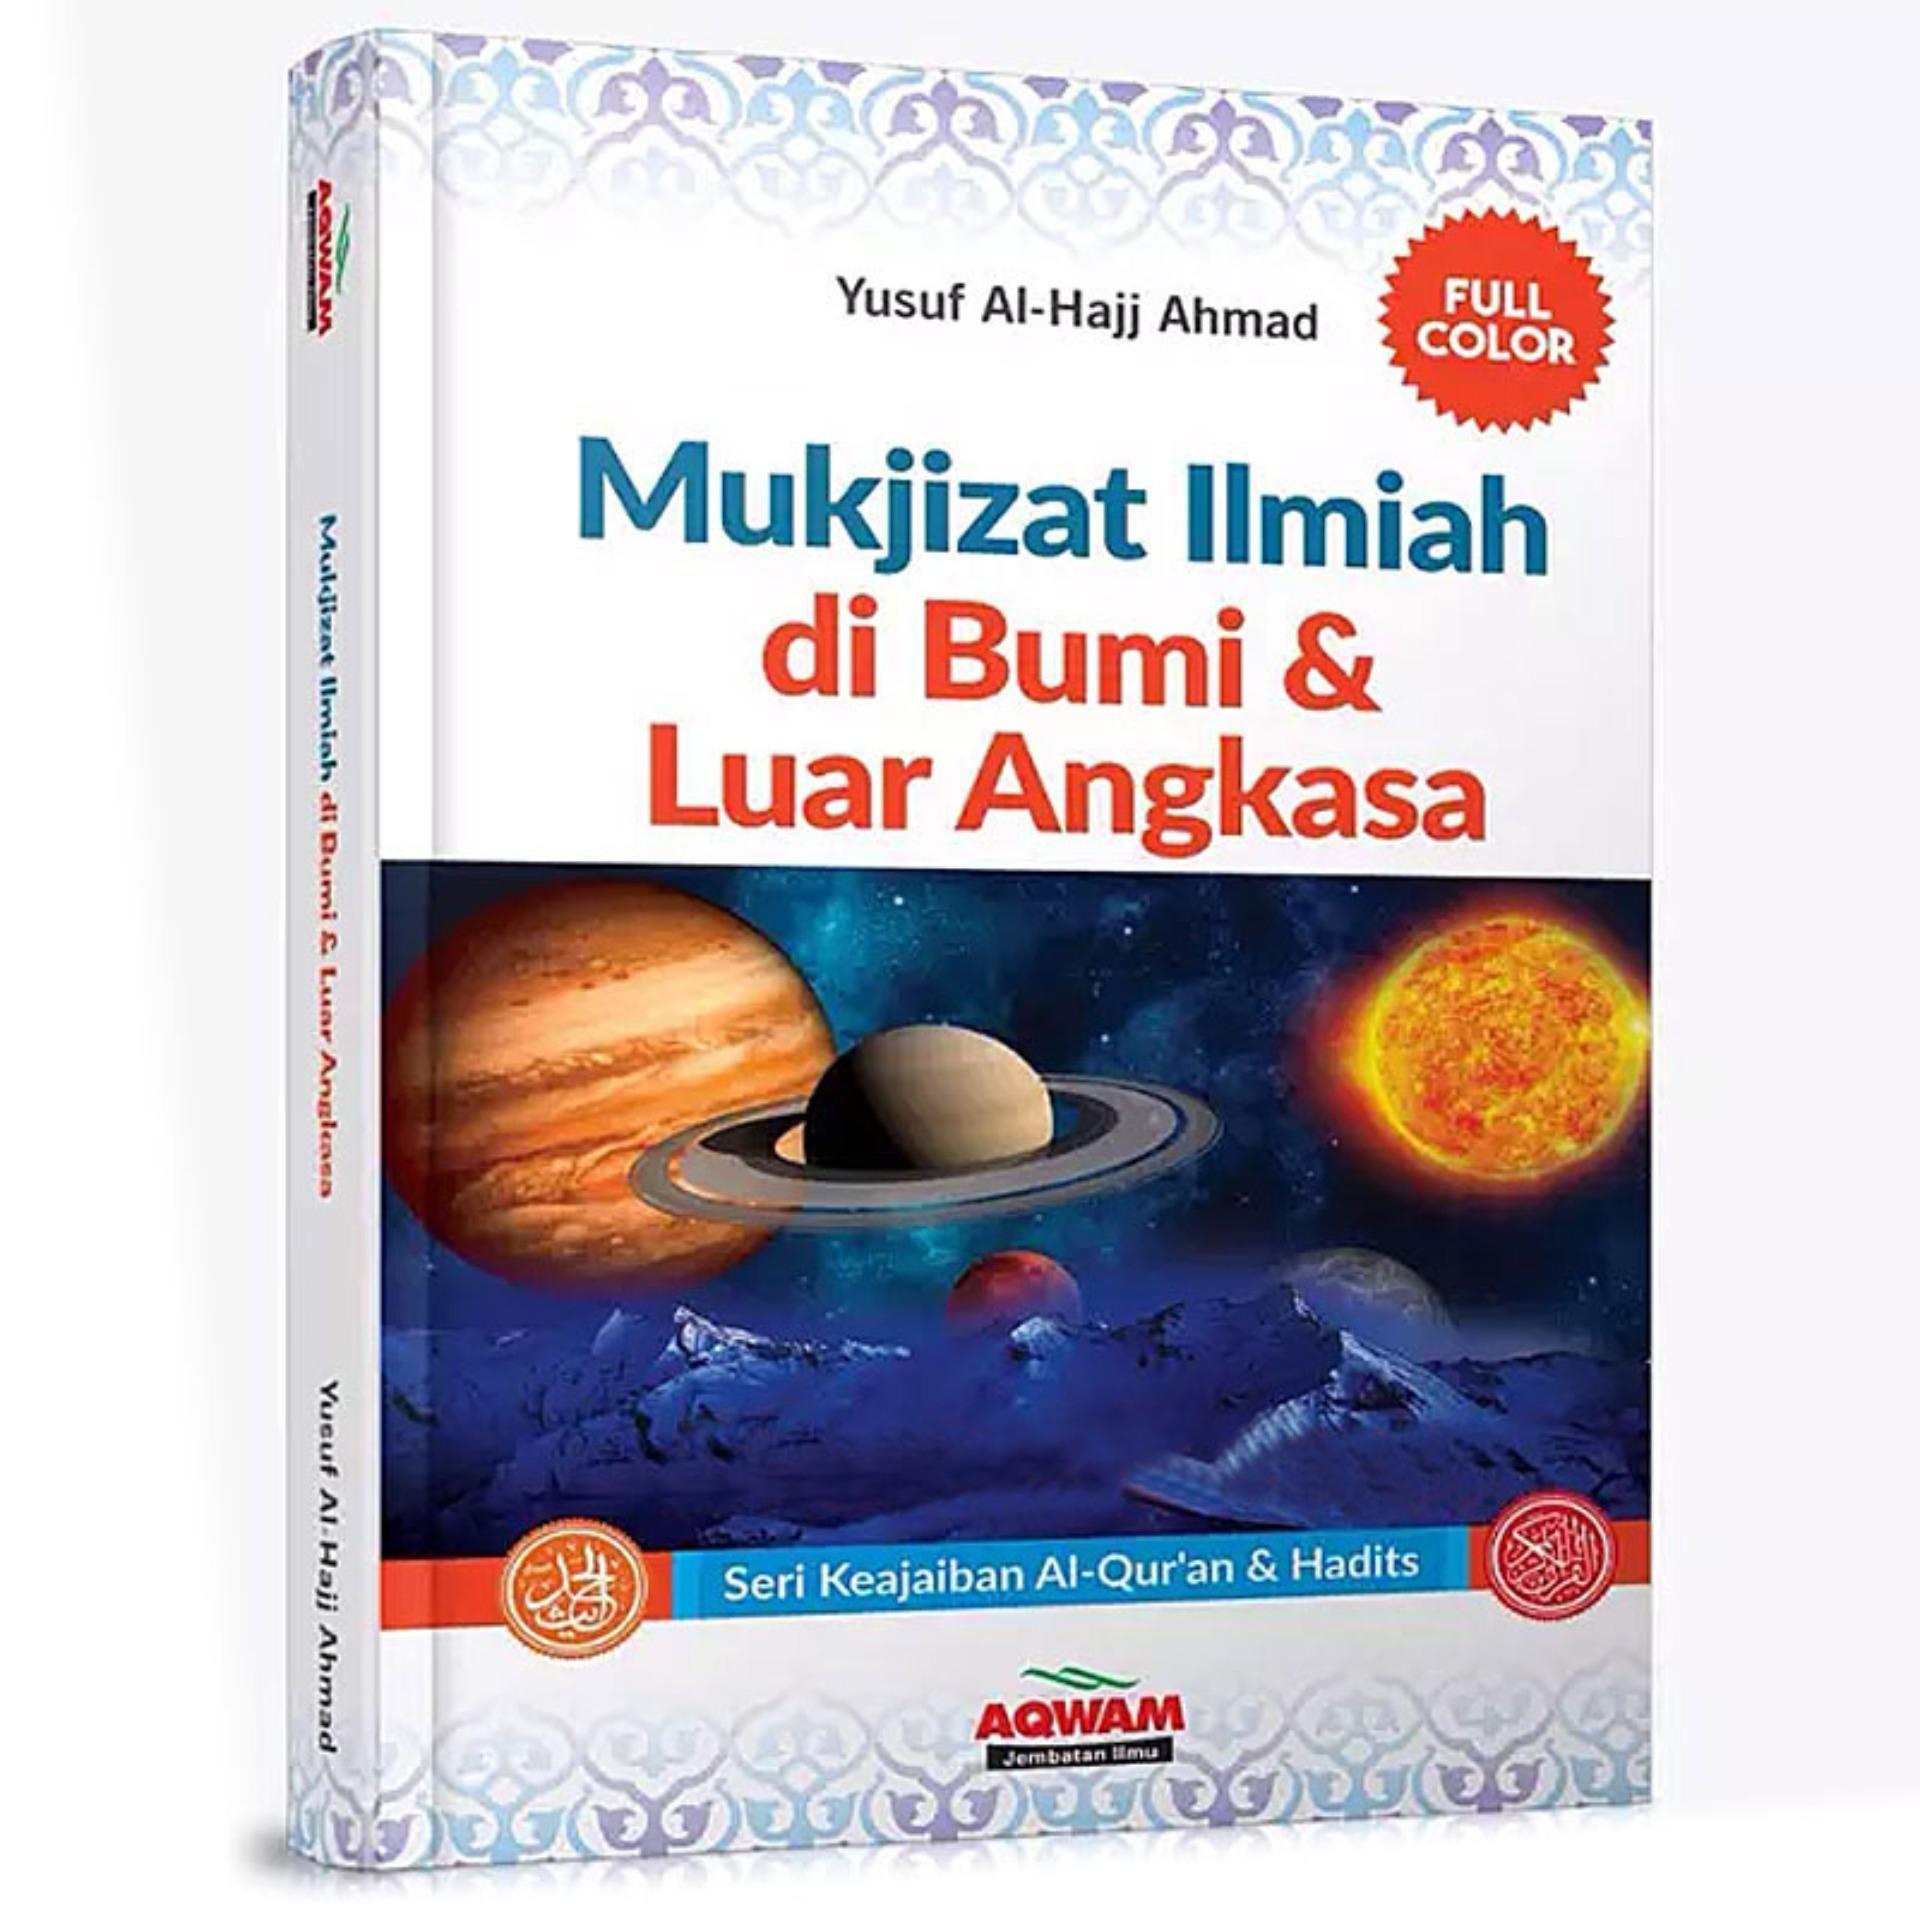 Harga Mukjizat Ilmiah Di Bumi Dan Luar Angkasa Seri Keajaiban Al Quran Dan Hadits Hard Cover Aqwam Online Jawa Barat